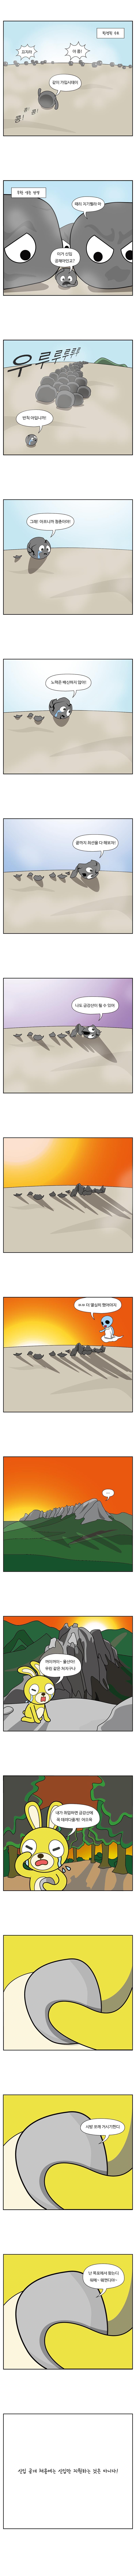 이상한나라의취준생_6화_02.png